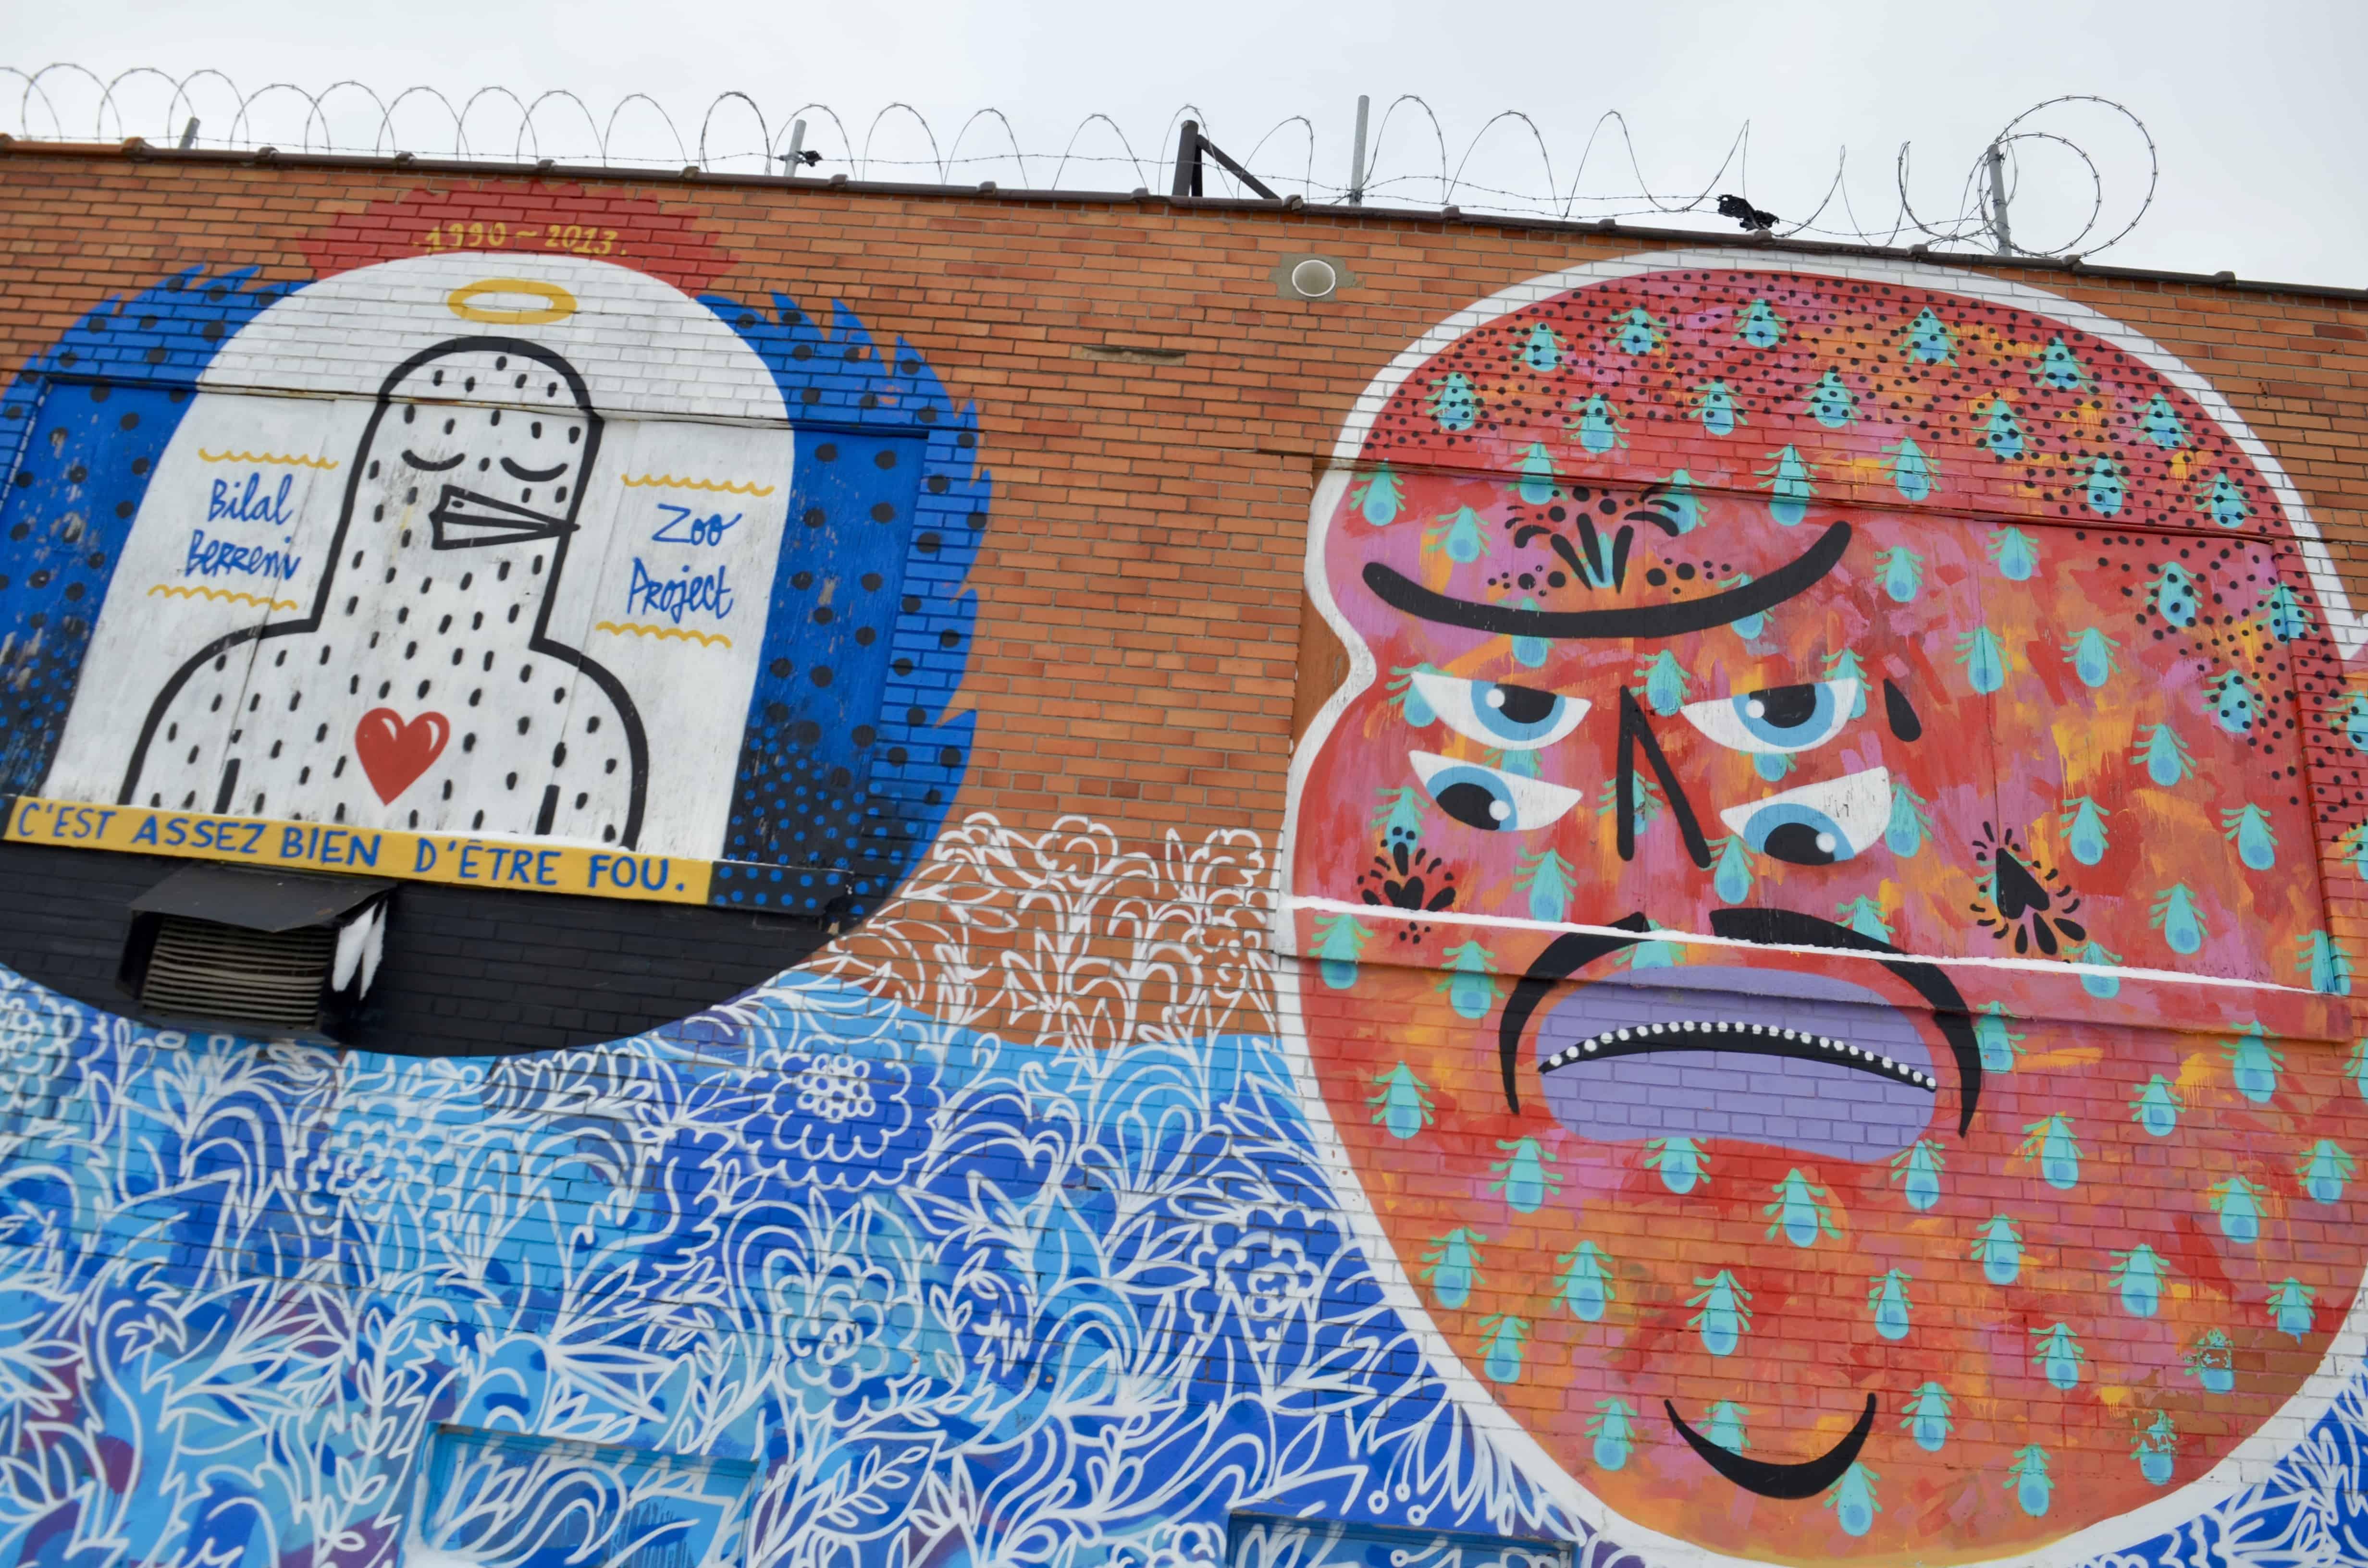 odd art mural street art detroit